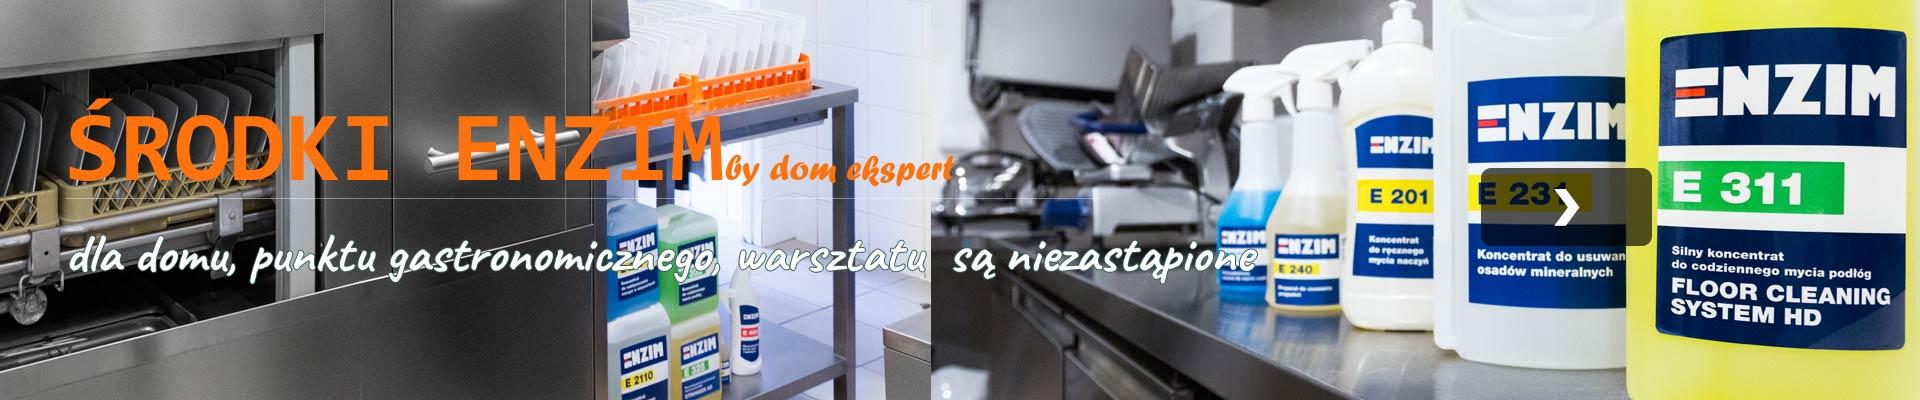 Środki czystości ENZIM